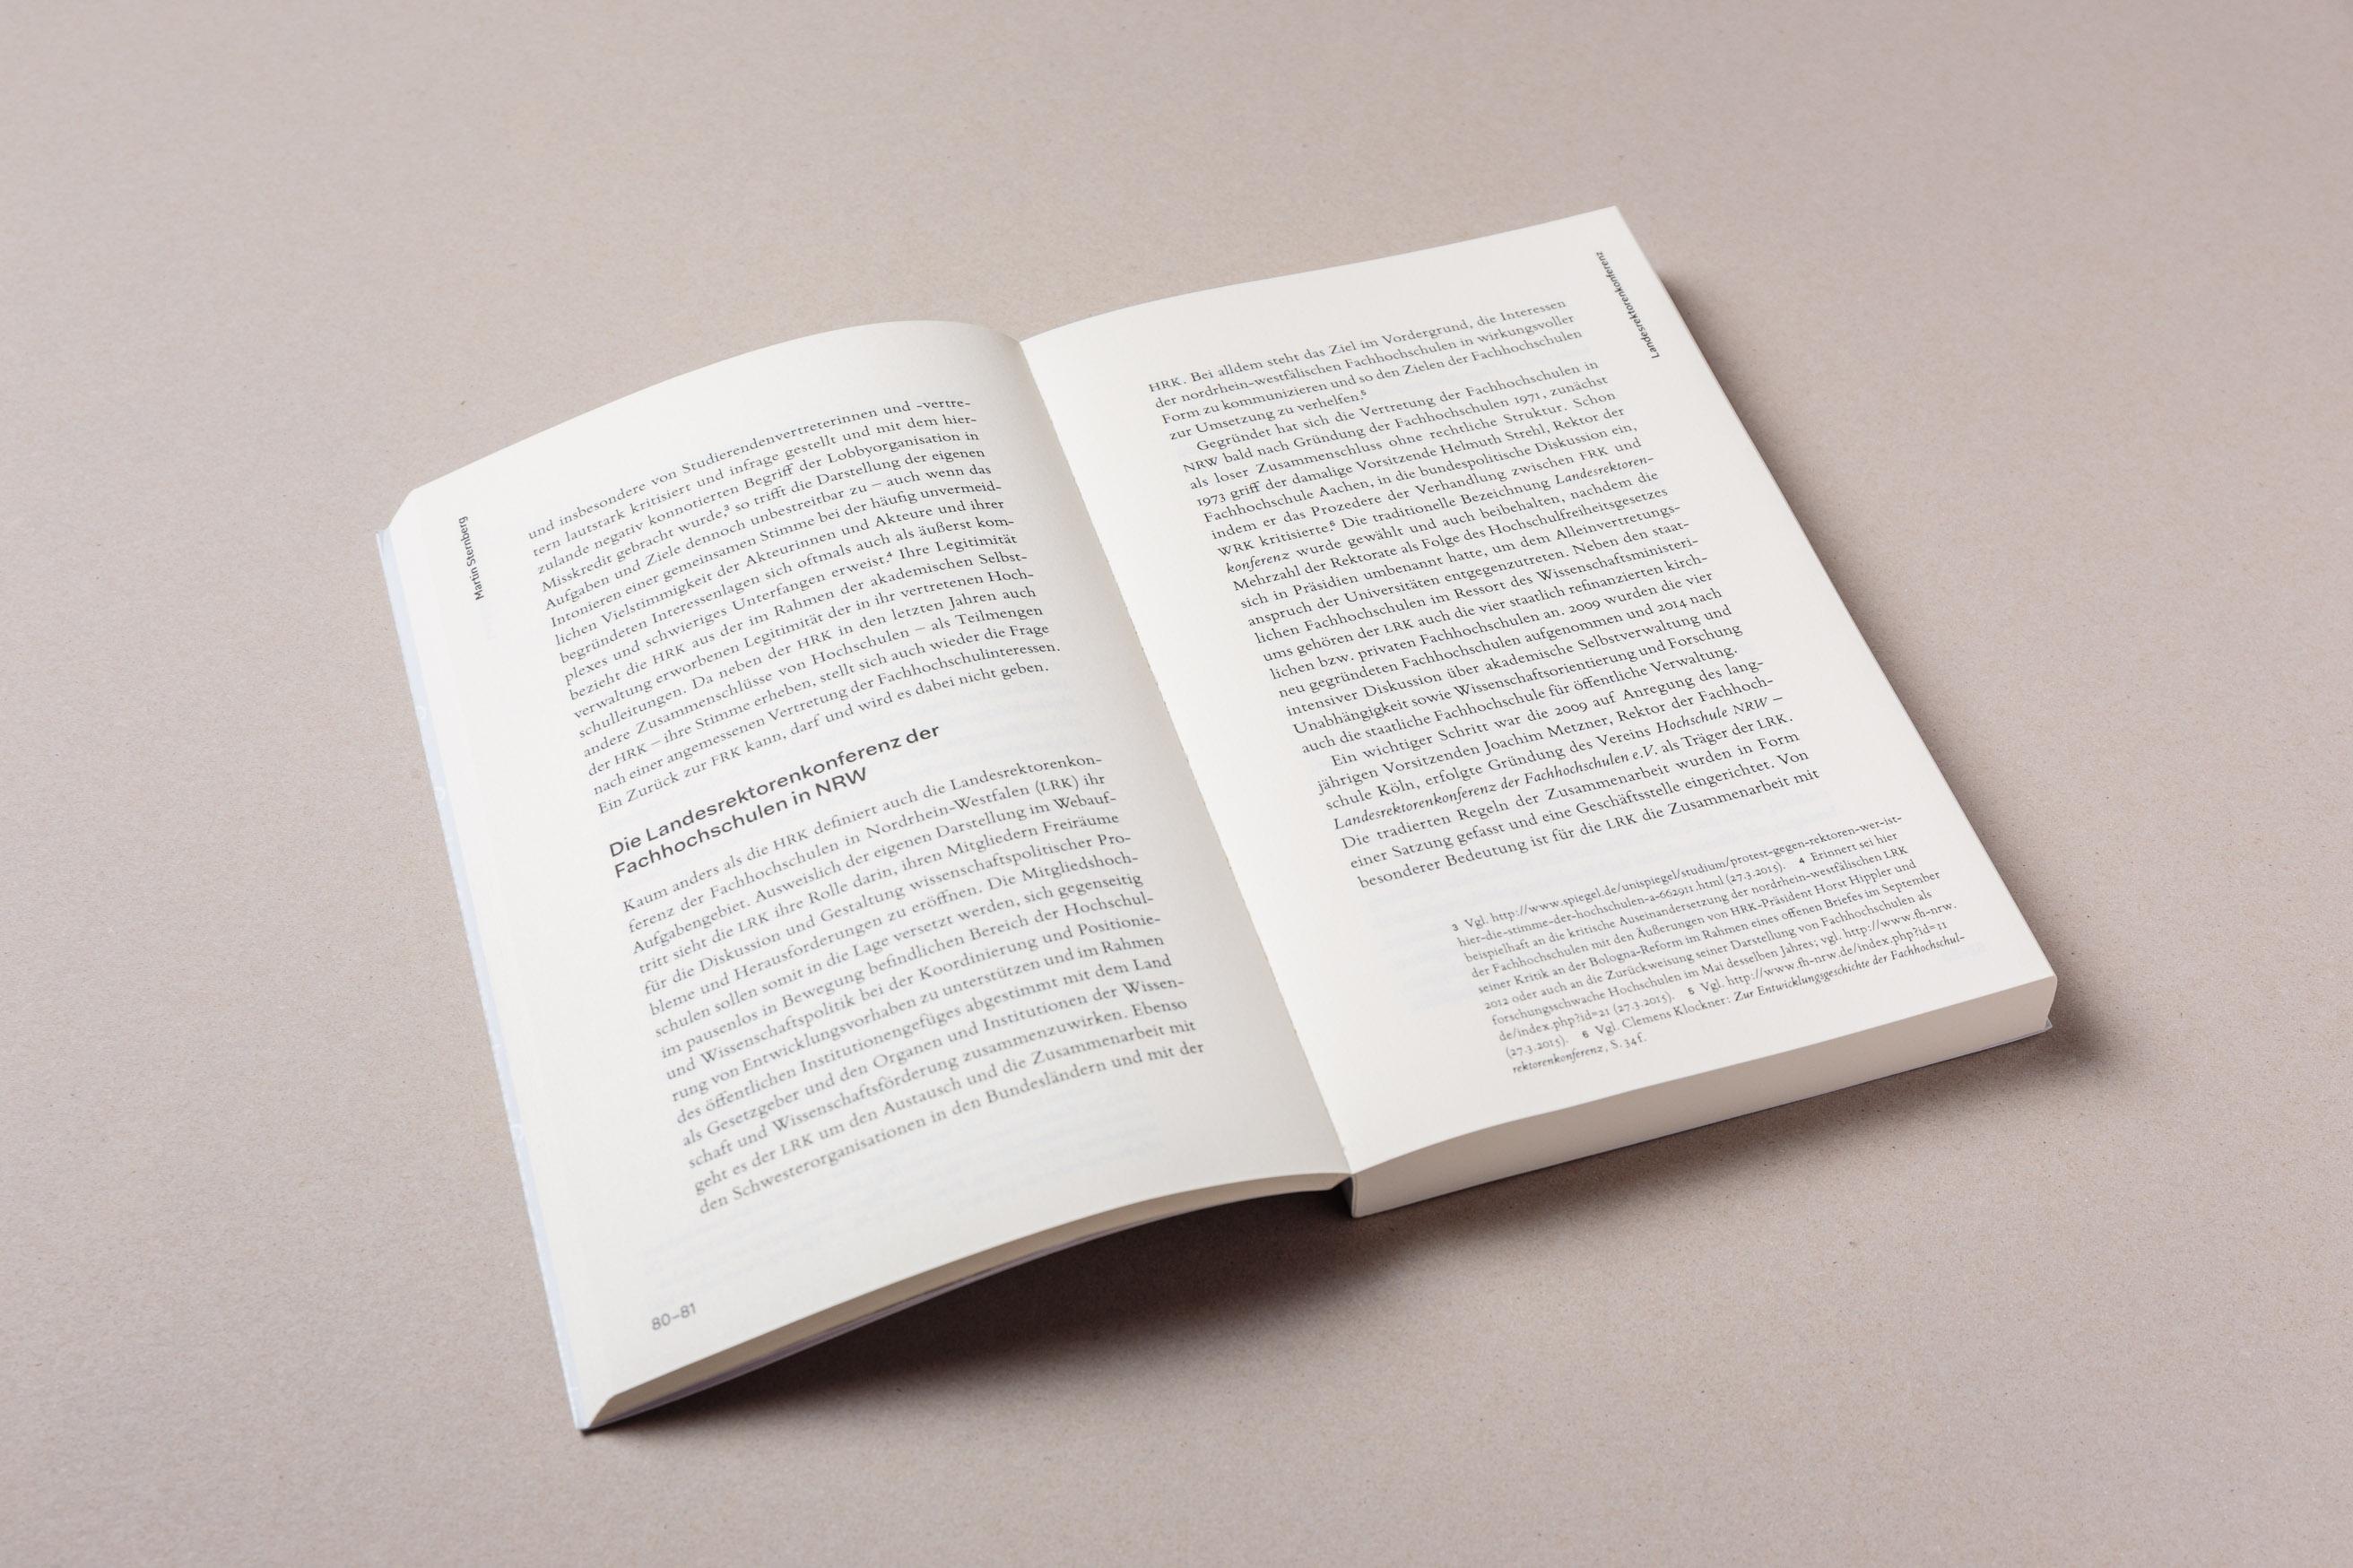 Doppelseite und Satzspiegel, Bildung anführen